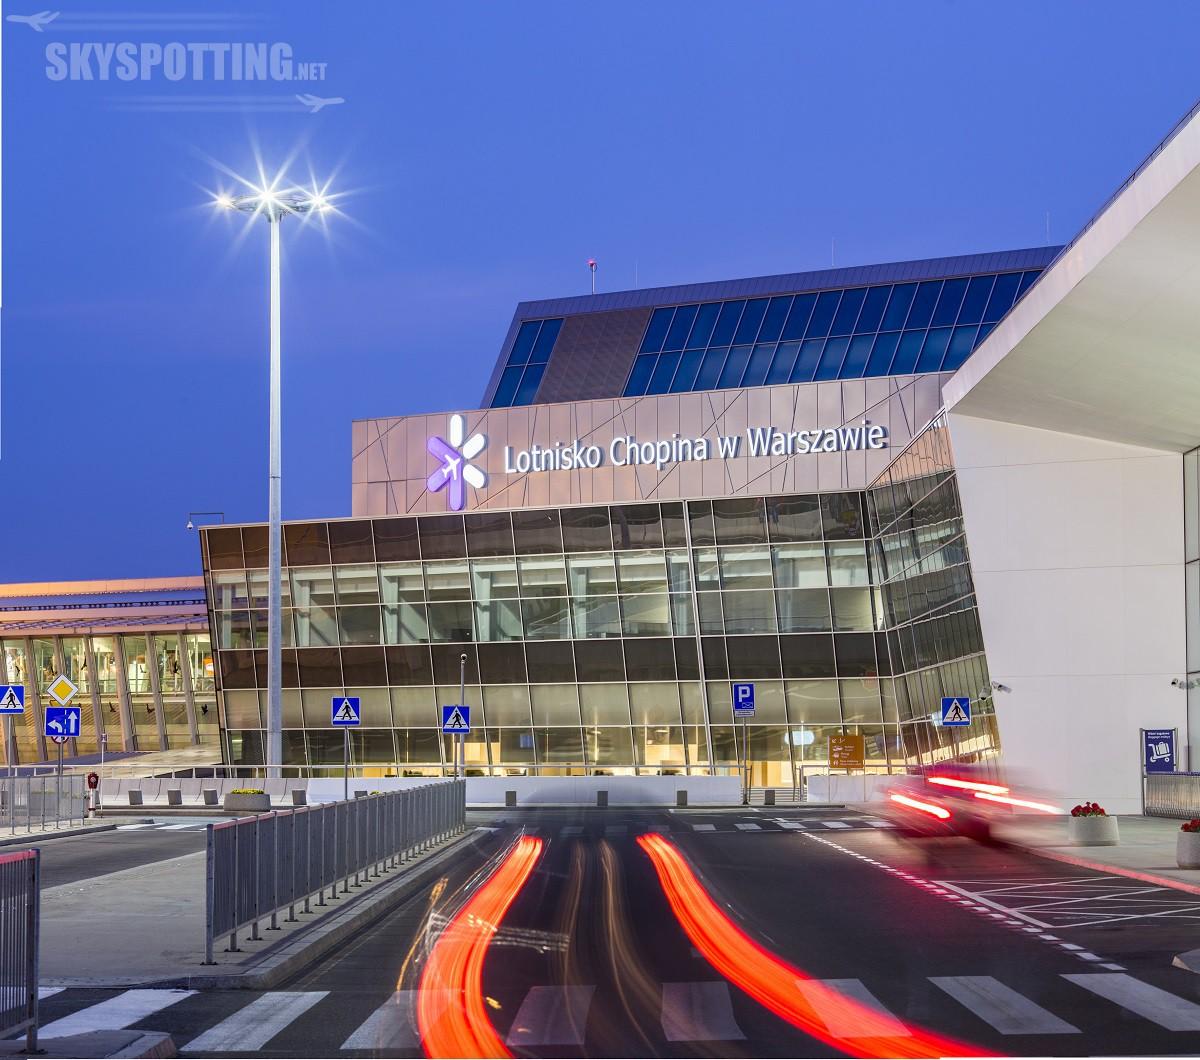 Rekordowy wzrost w październiku na Lotnisku Chopina